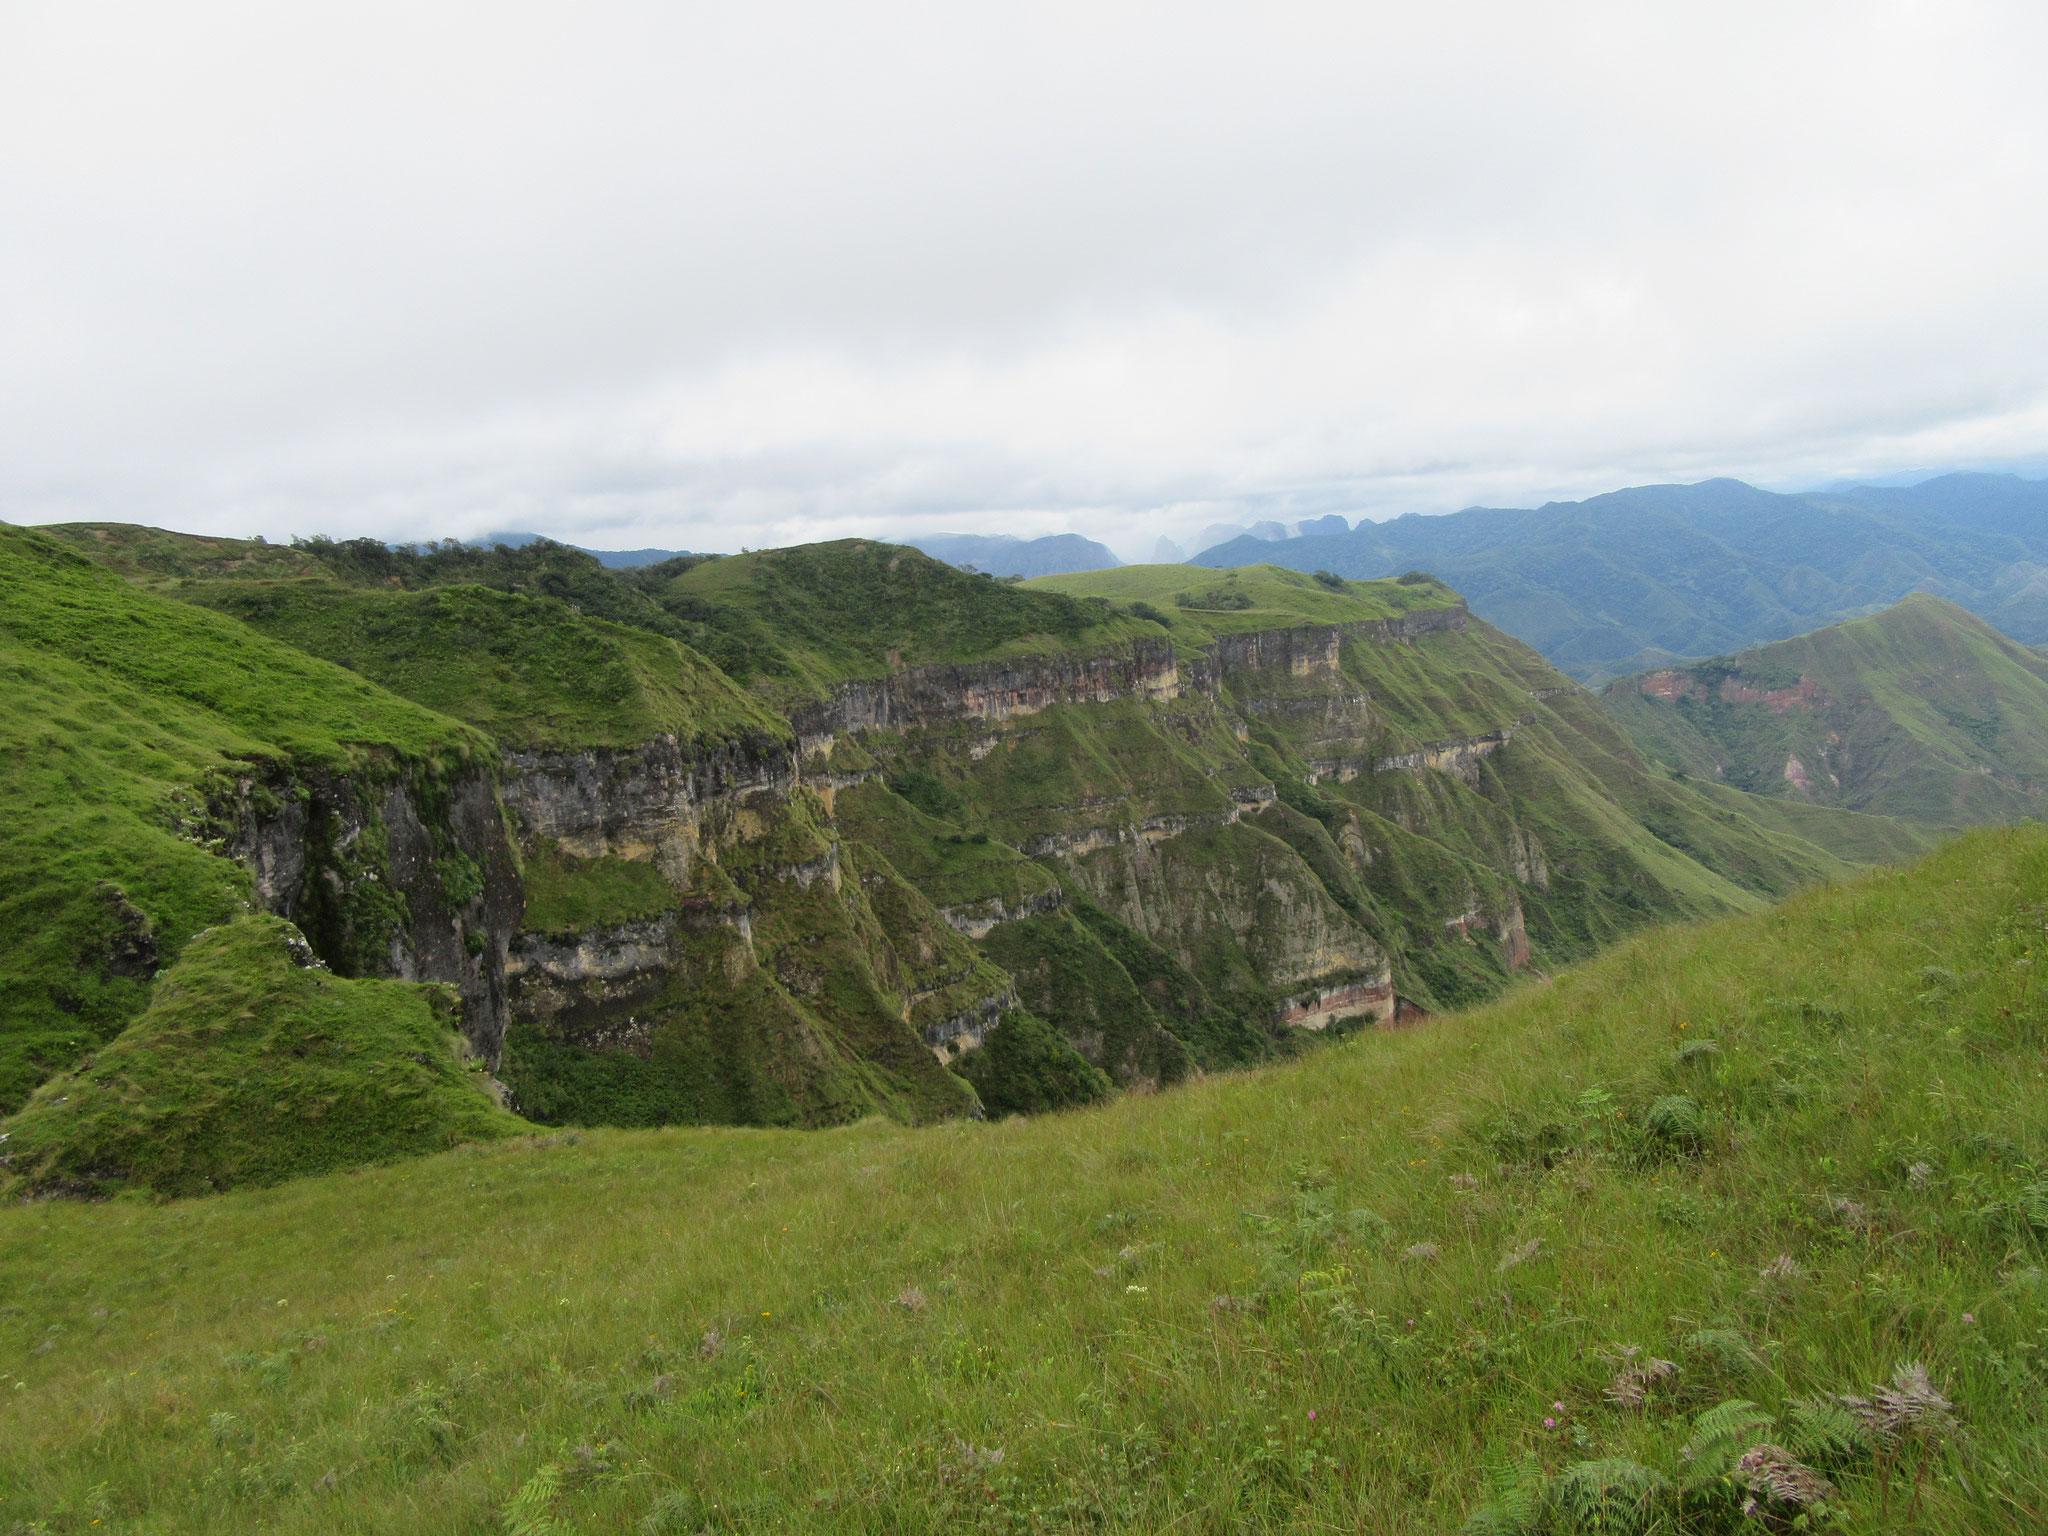 Unser Zufluchtsort ist eine wahre Festung, deren Hochplateau von Ab- und Steilhängen umgeben ist